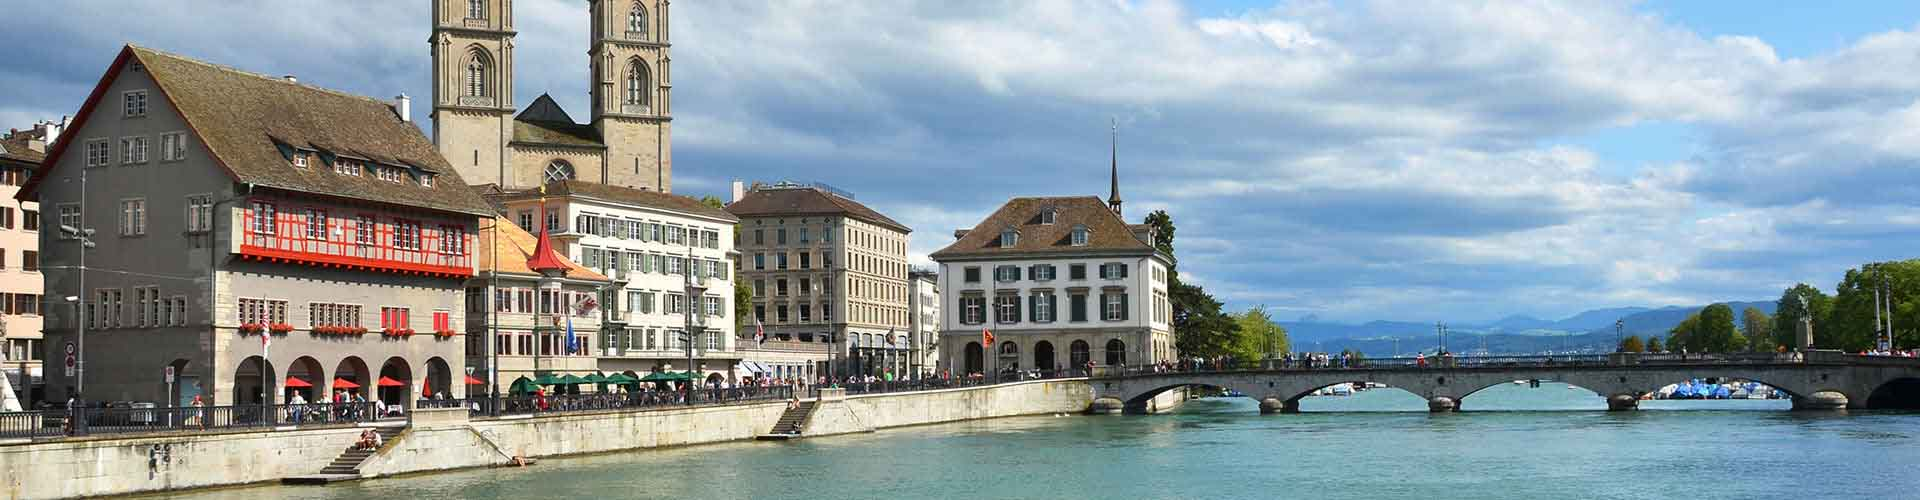 Zurich - Habitaciones en el distrito Hochschulen. Mapas de Zurich, Fotos y comentarios de cada Habitación en Zurich.